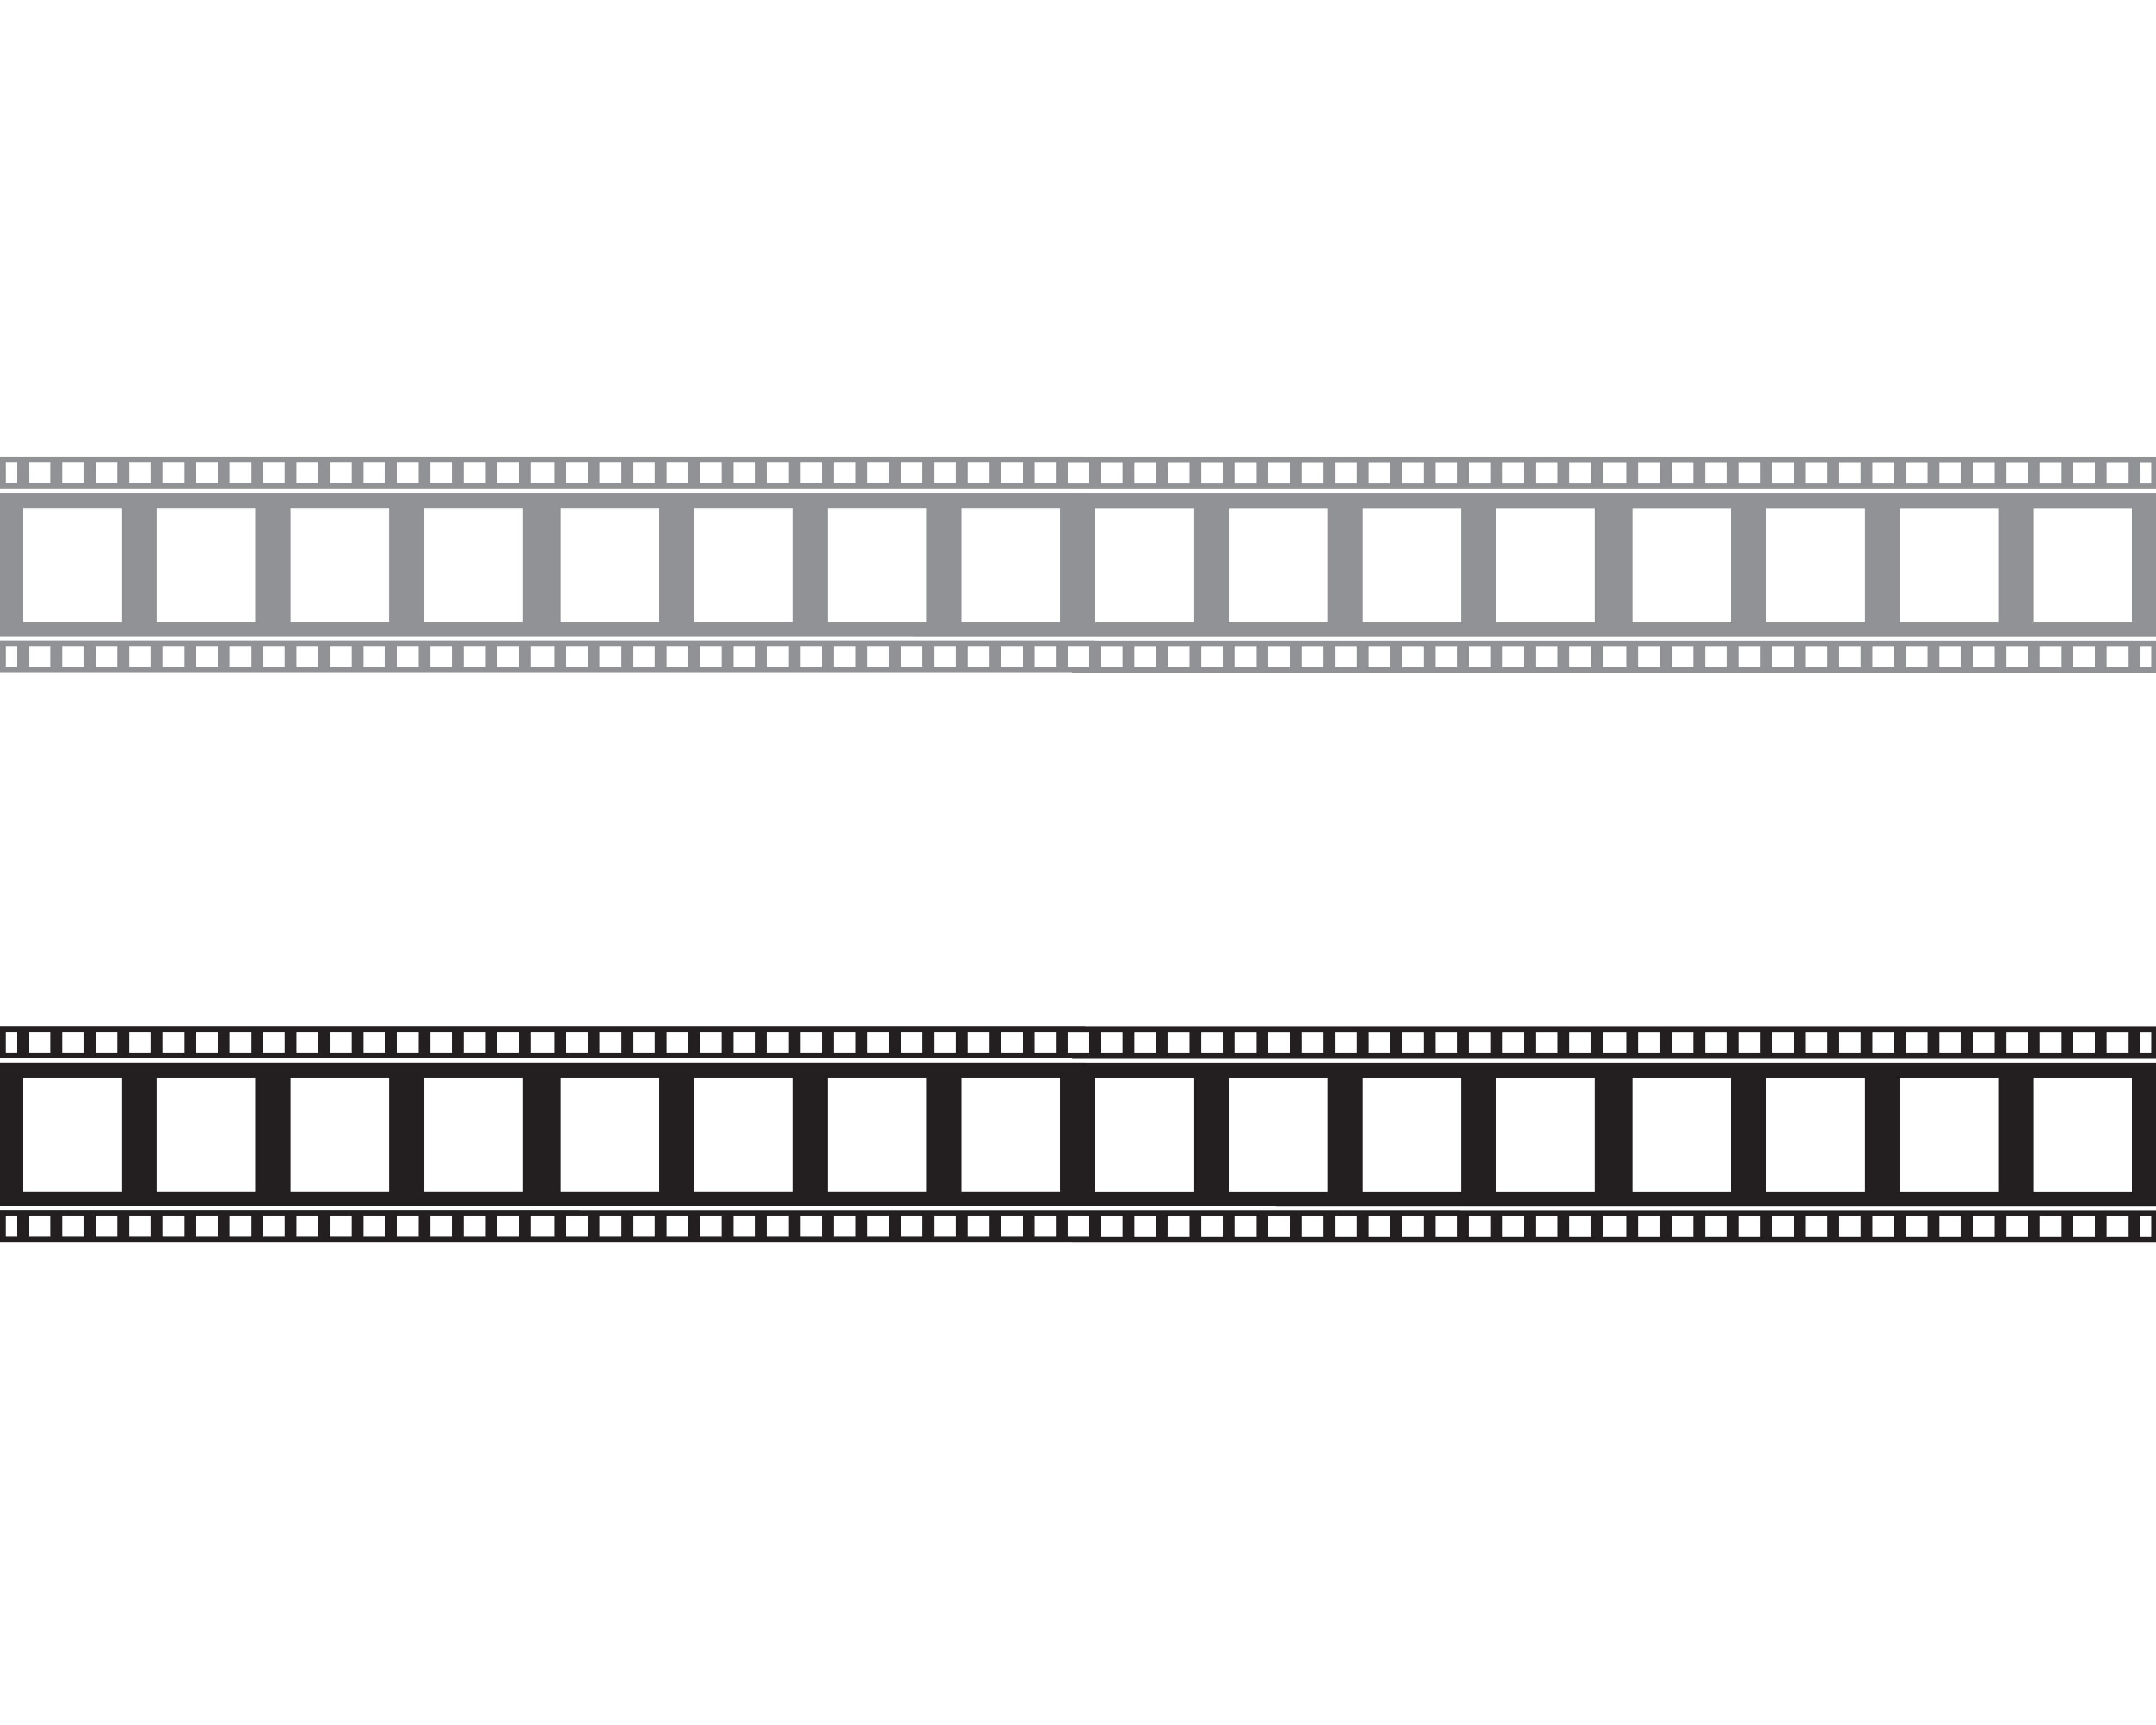 film-strip-icon